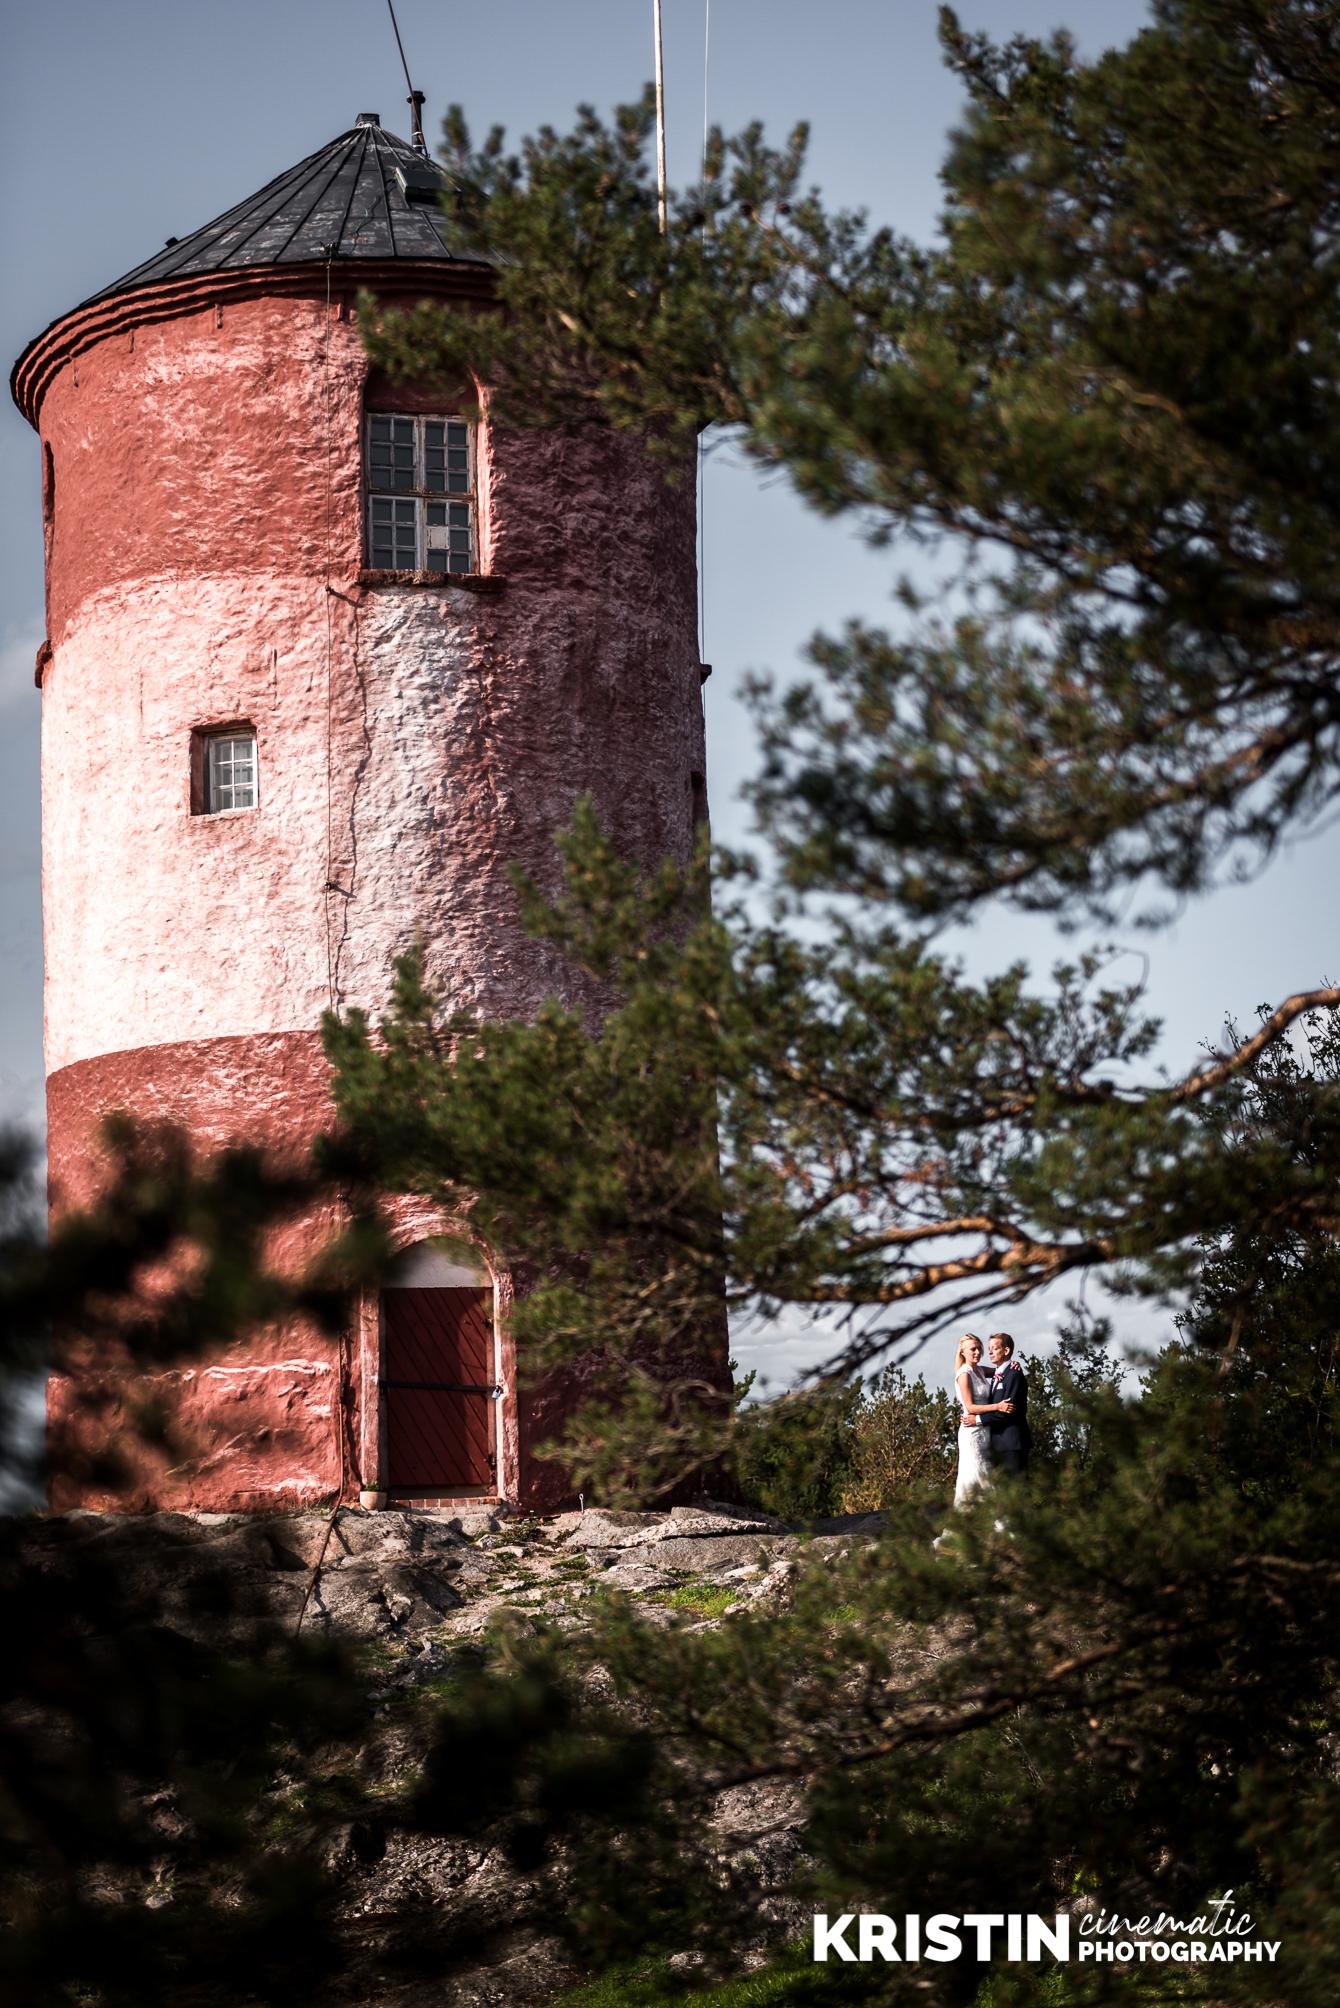 Bröllopsfotograf i Eskilstuna Kristin - Photography-29-2.jpg